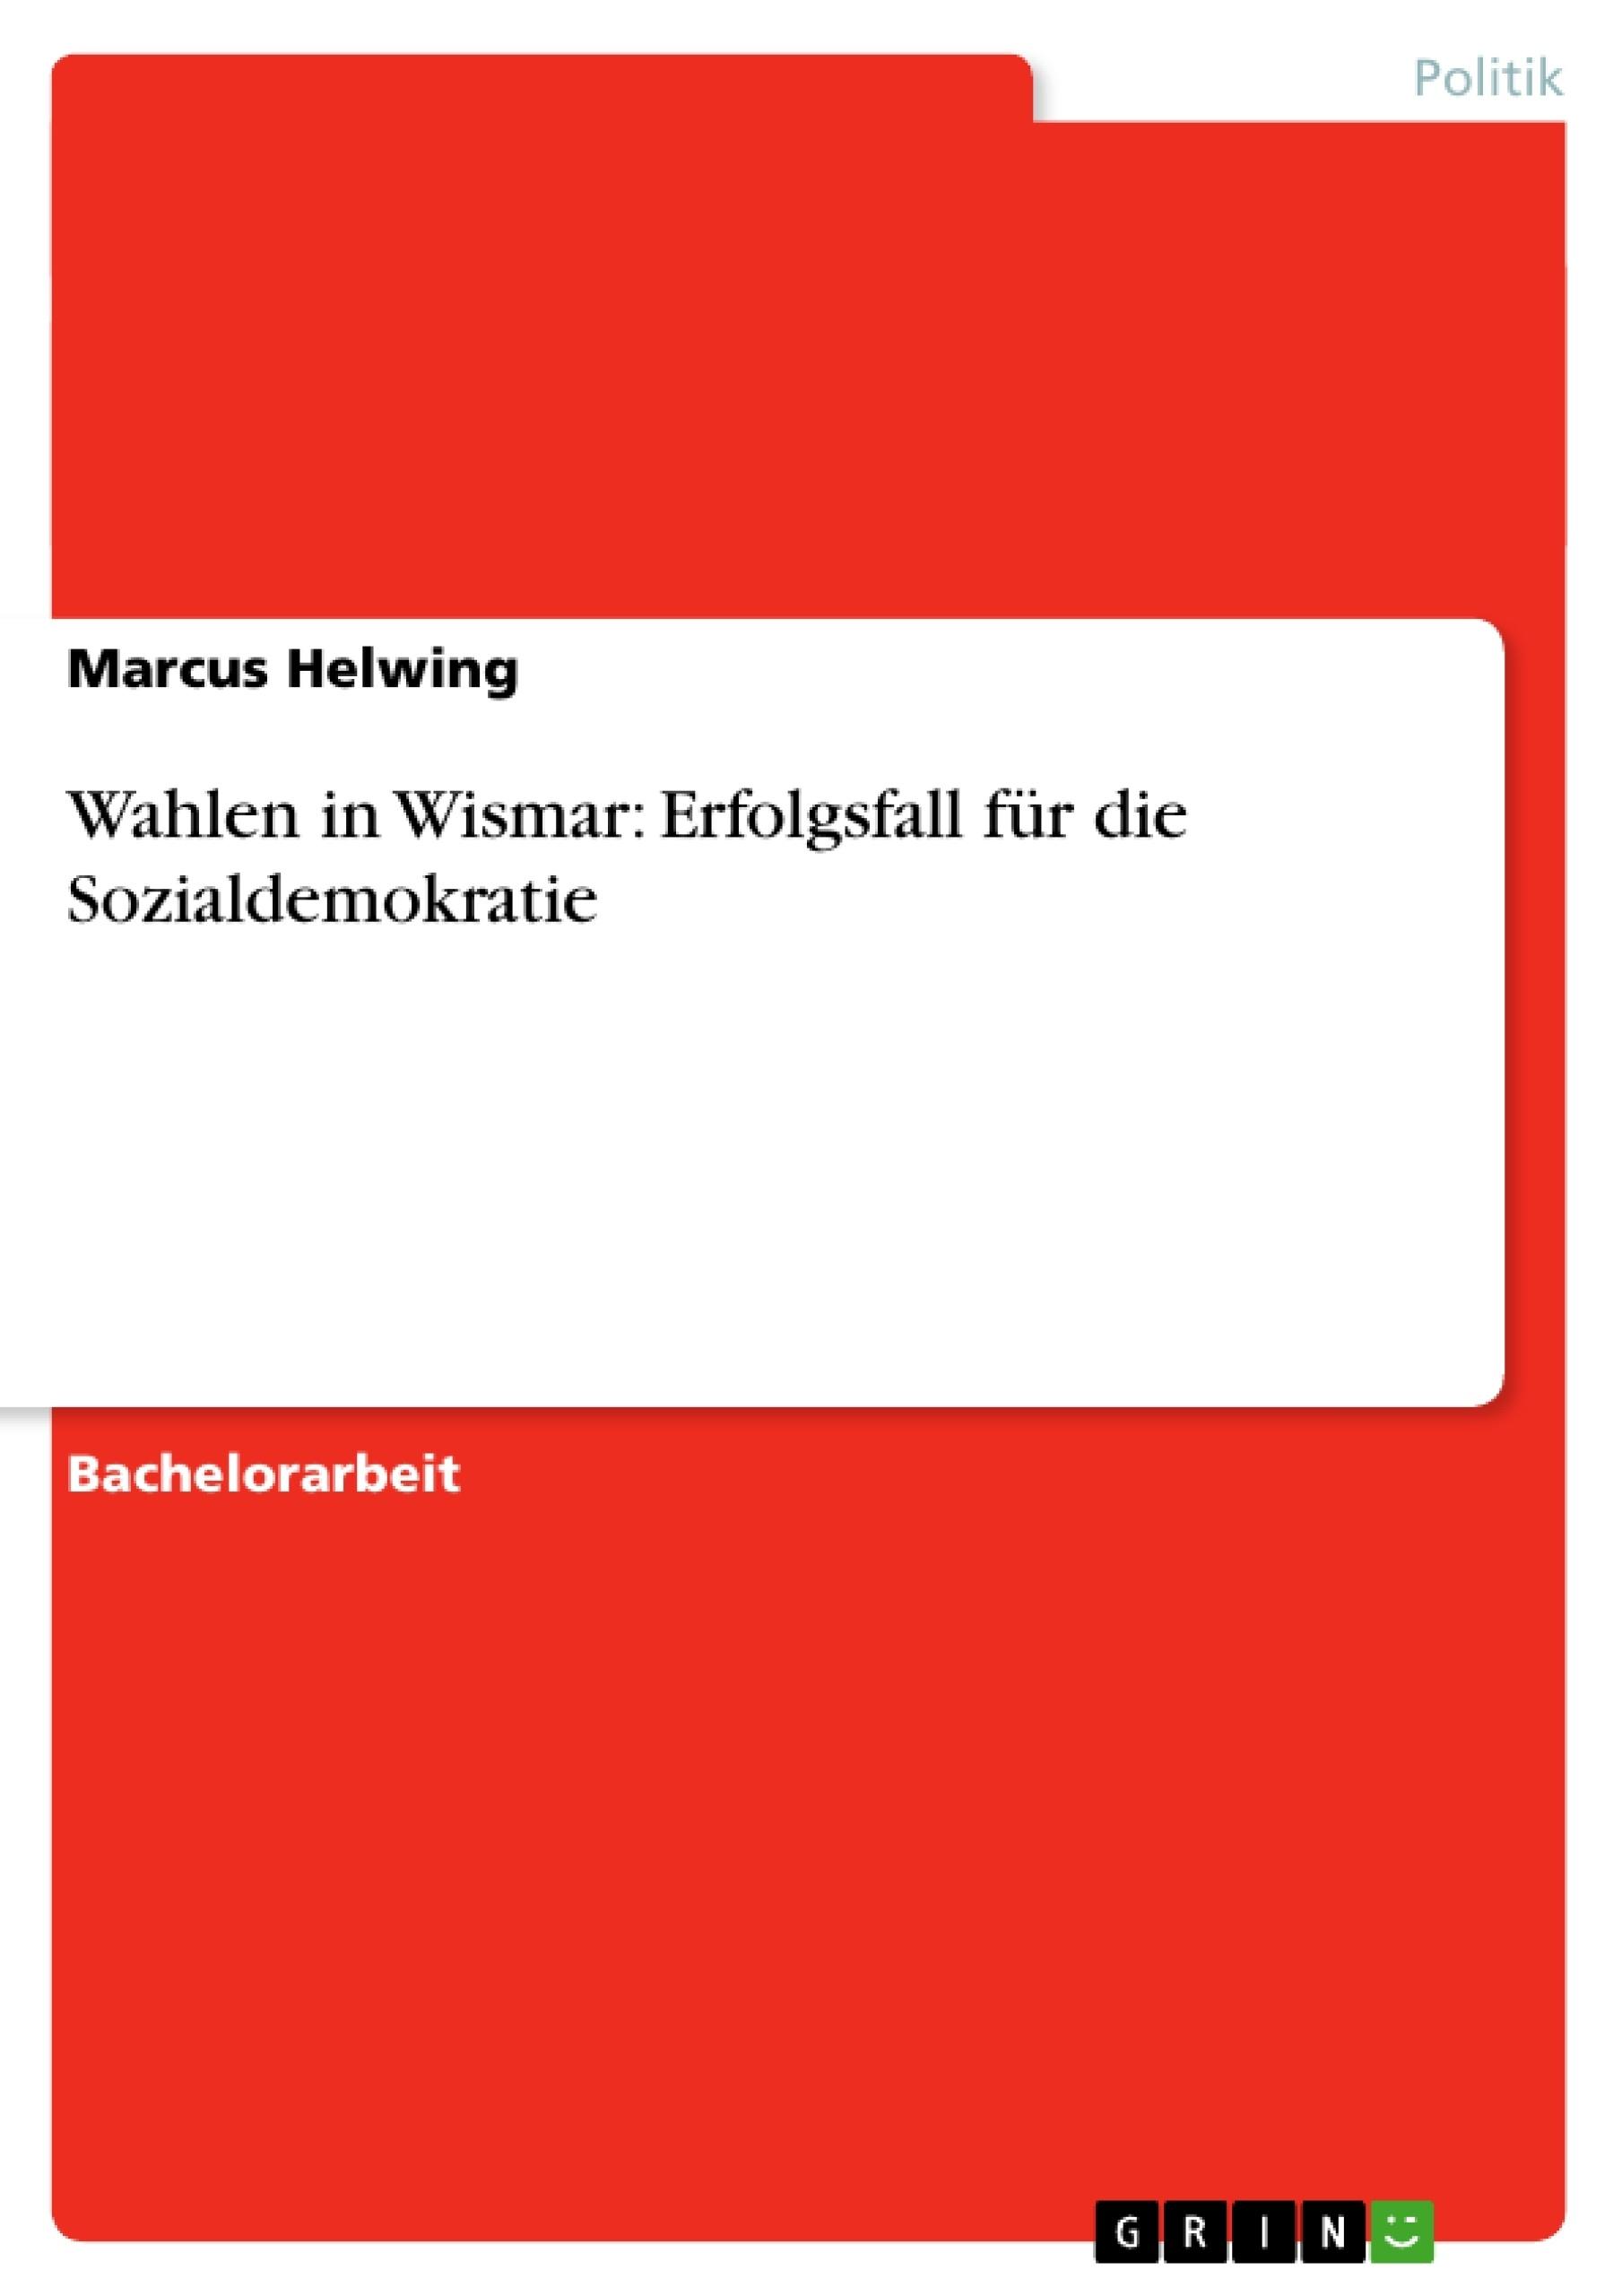 Titel: Wahlen in Wismar: Erfolgsfall für die Sozialdemokratie